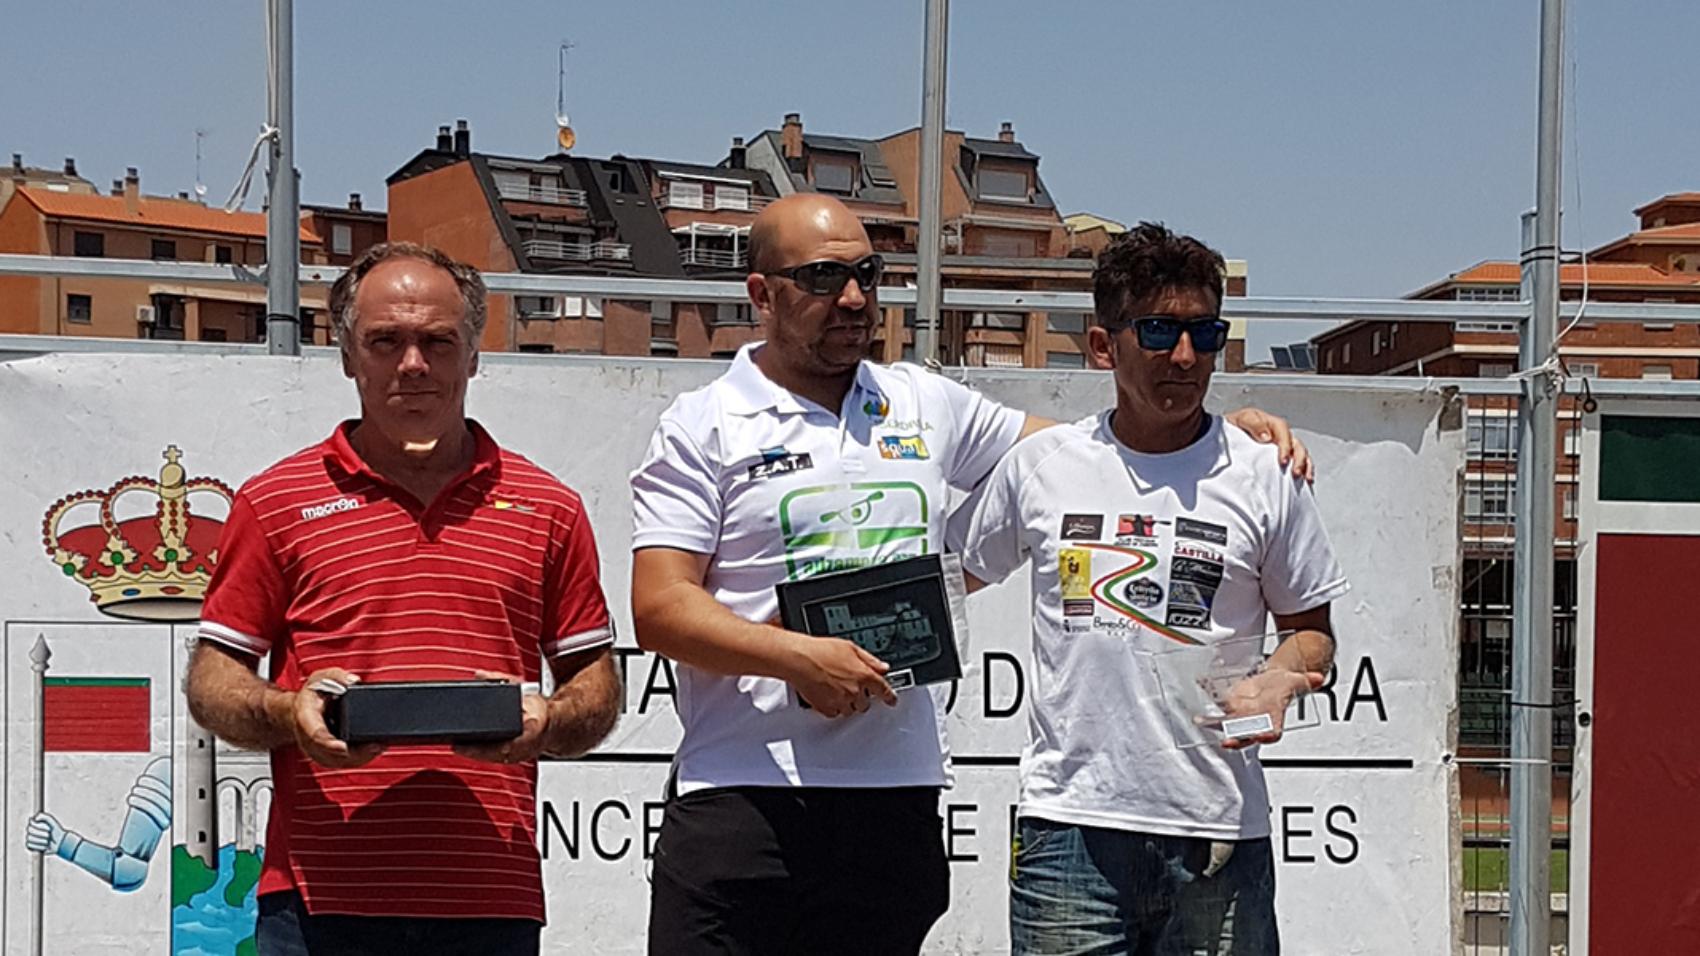 Douro conquista pódio no 45º Descenso Ibérico blog Canoagem Canoagem Internacional Destaque DCC Divulgação Douro Canoa Clube 10